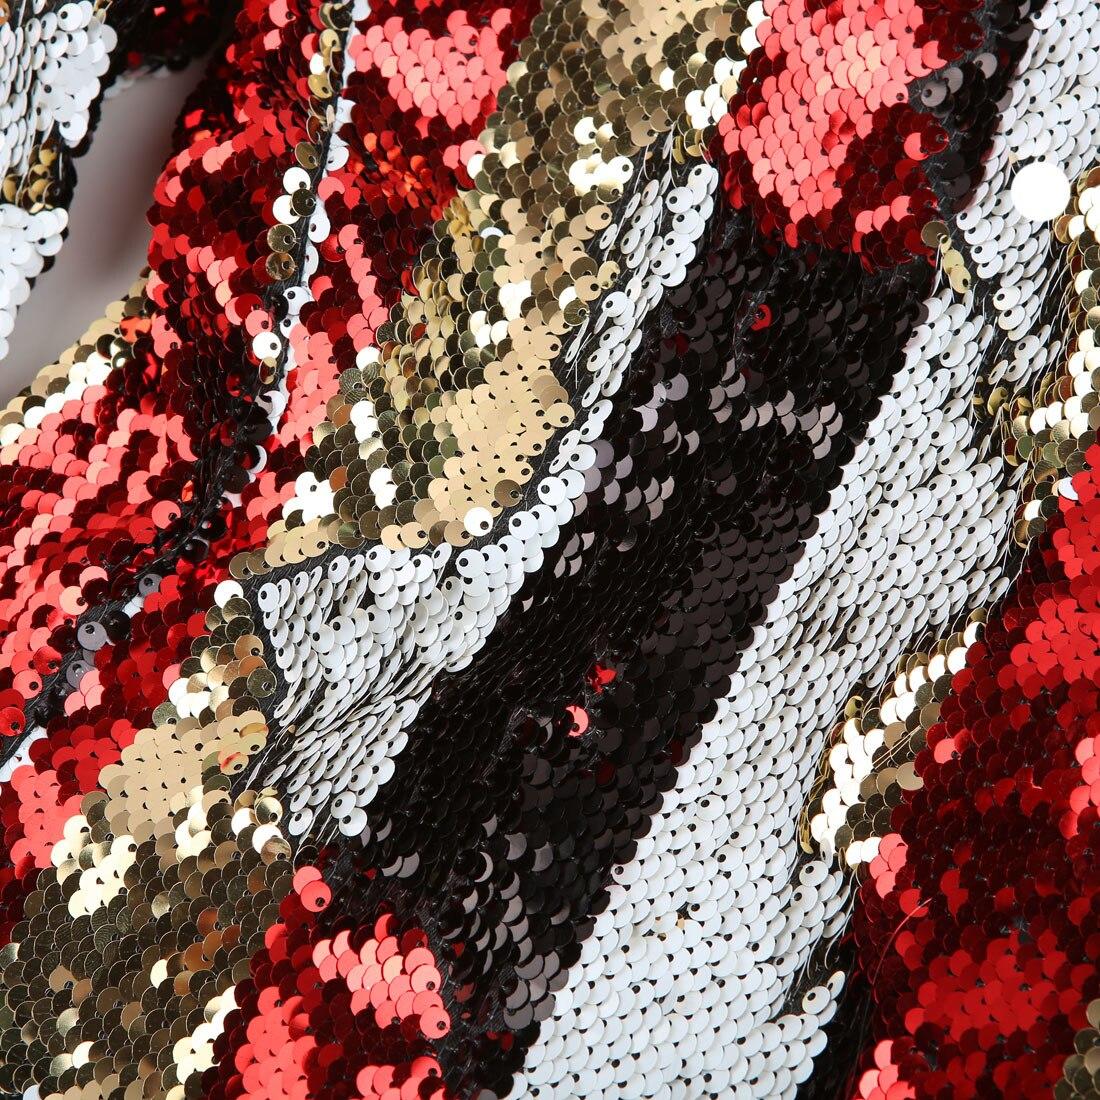 PYJTRL Neue Männer doppelseitige Bunte Streifen Rot Gold Weiß Schwarz Pailletten Blazer Design DJ Sänger Anzug Jacke Mode outfit - 3